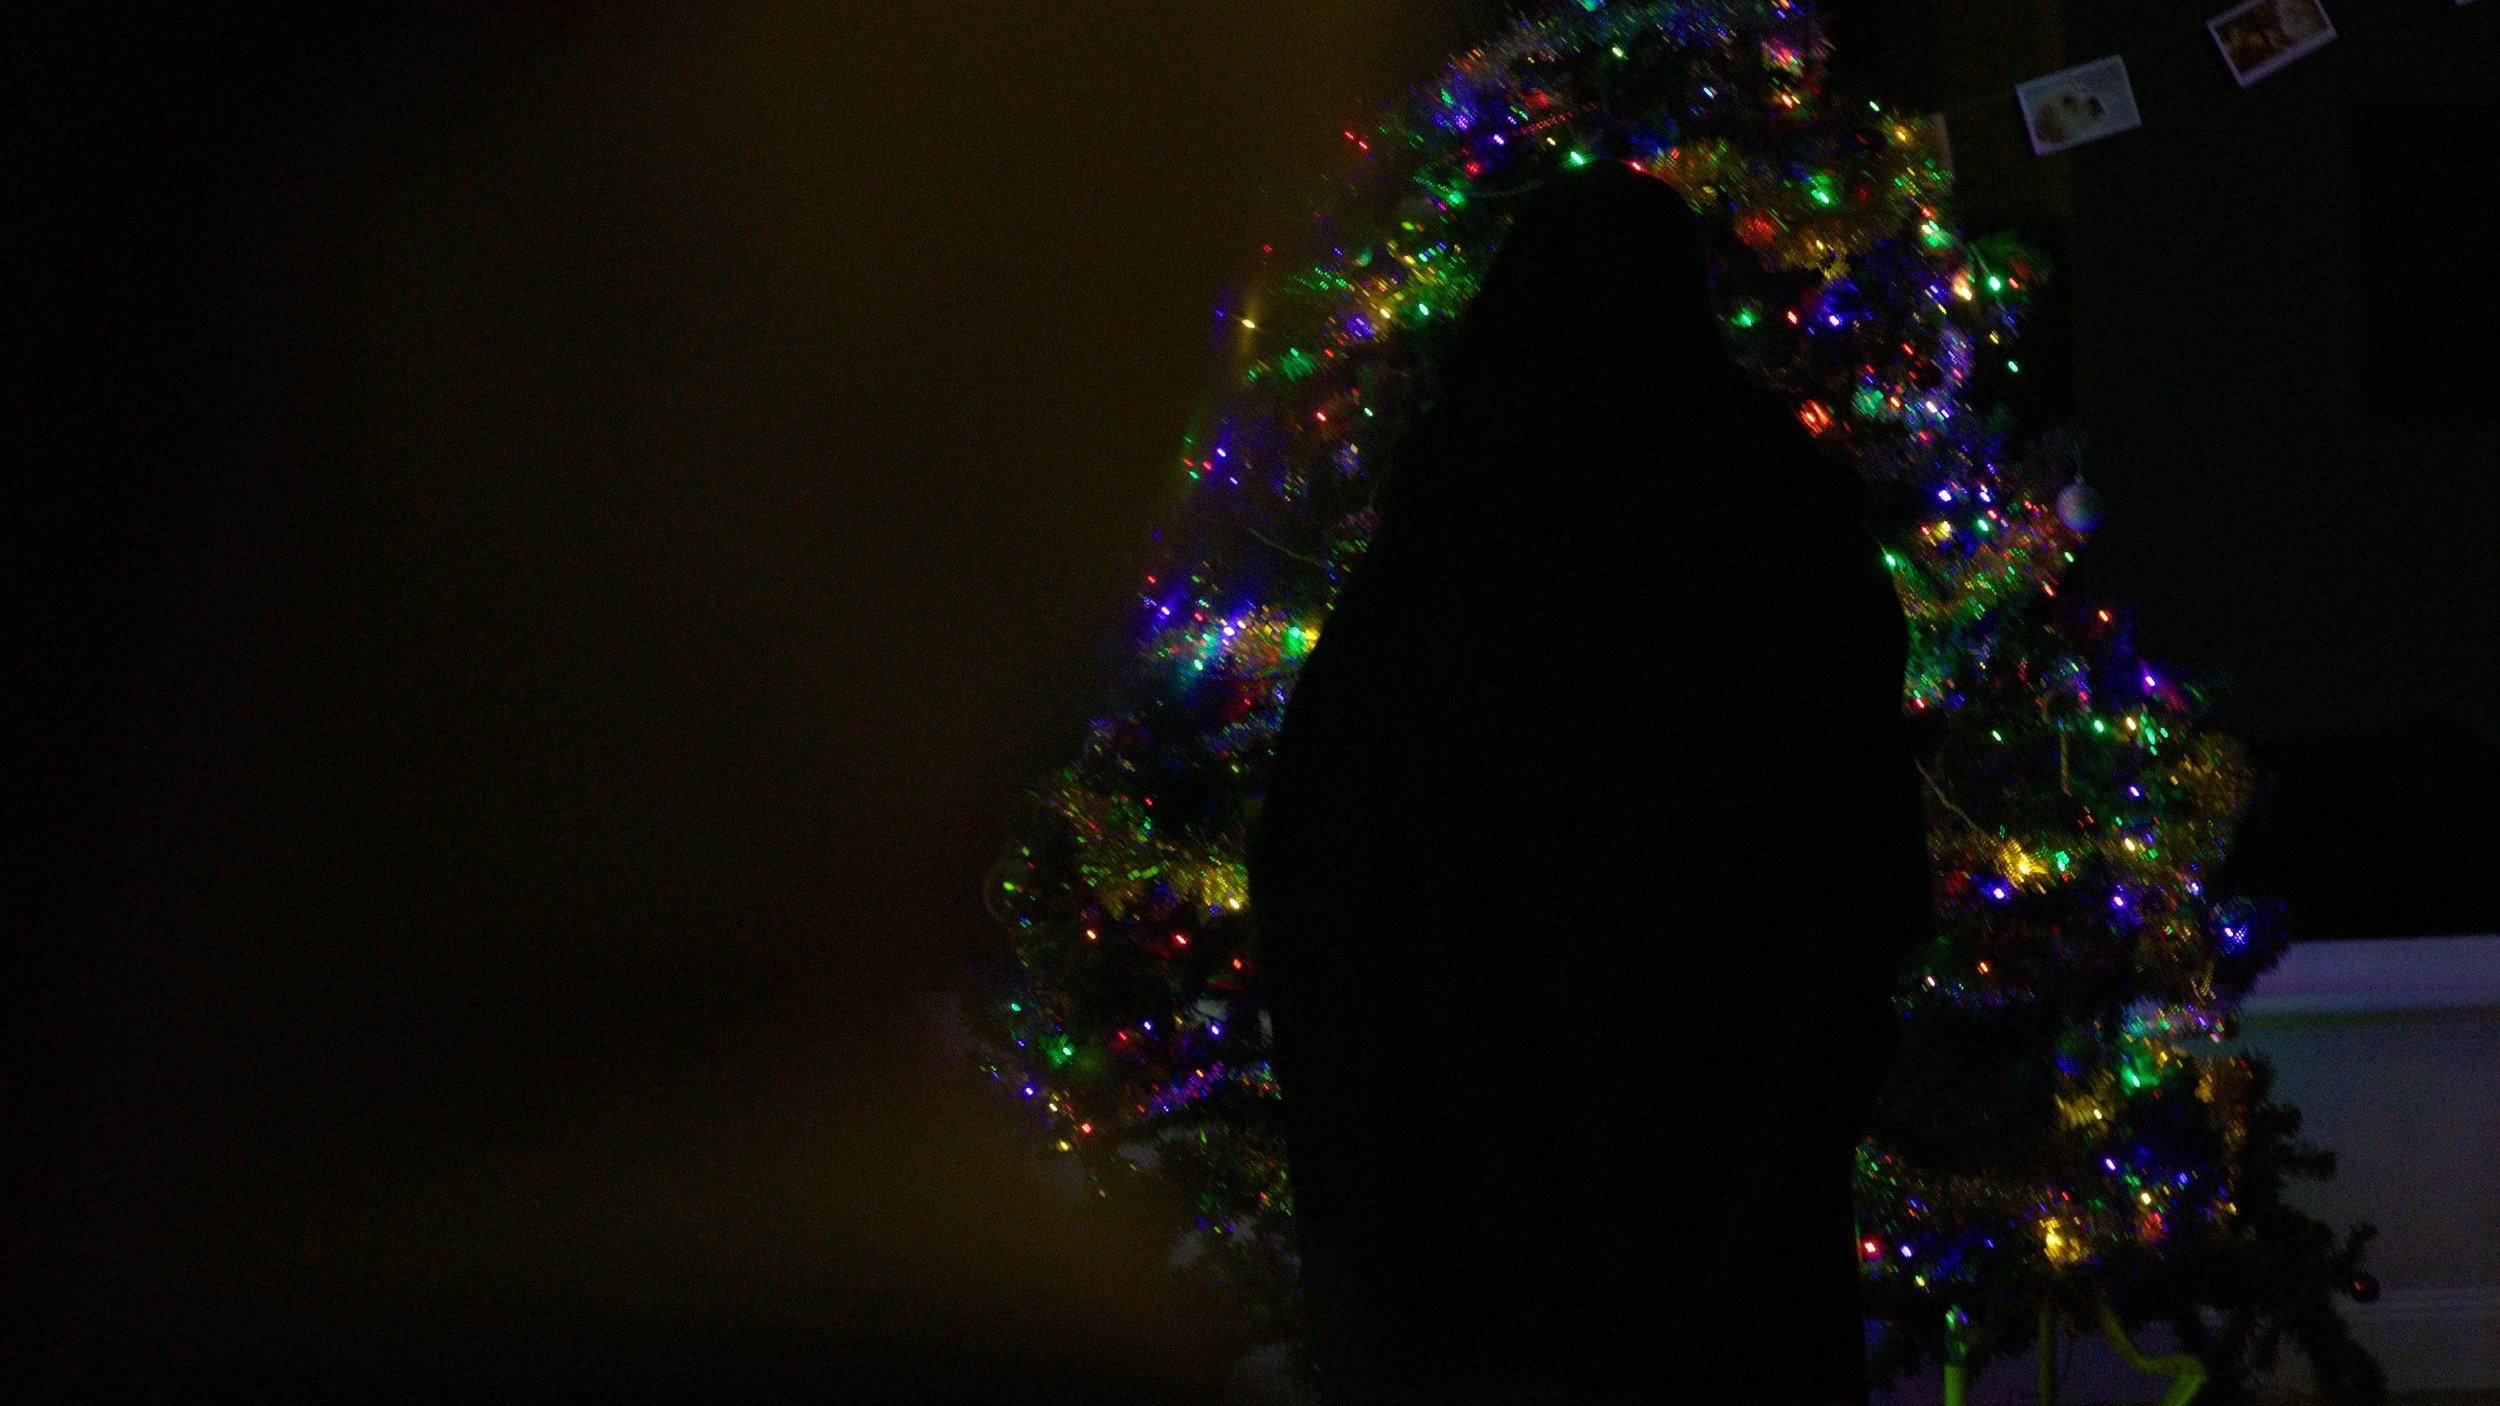 Cletus Tree Negator- Red Christmas Photo by Douglas Burdorff.jpeg